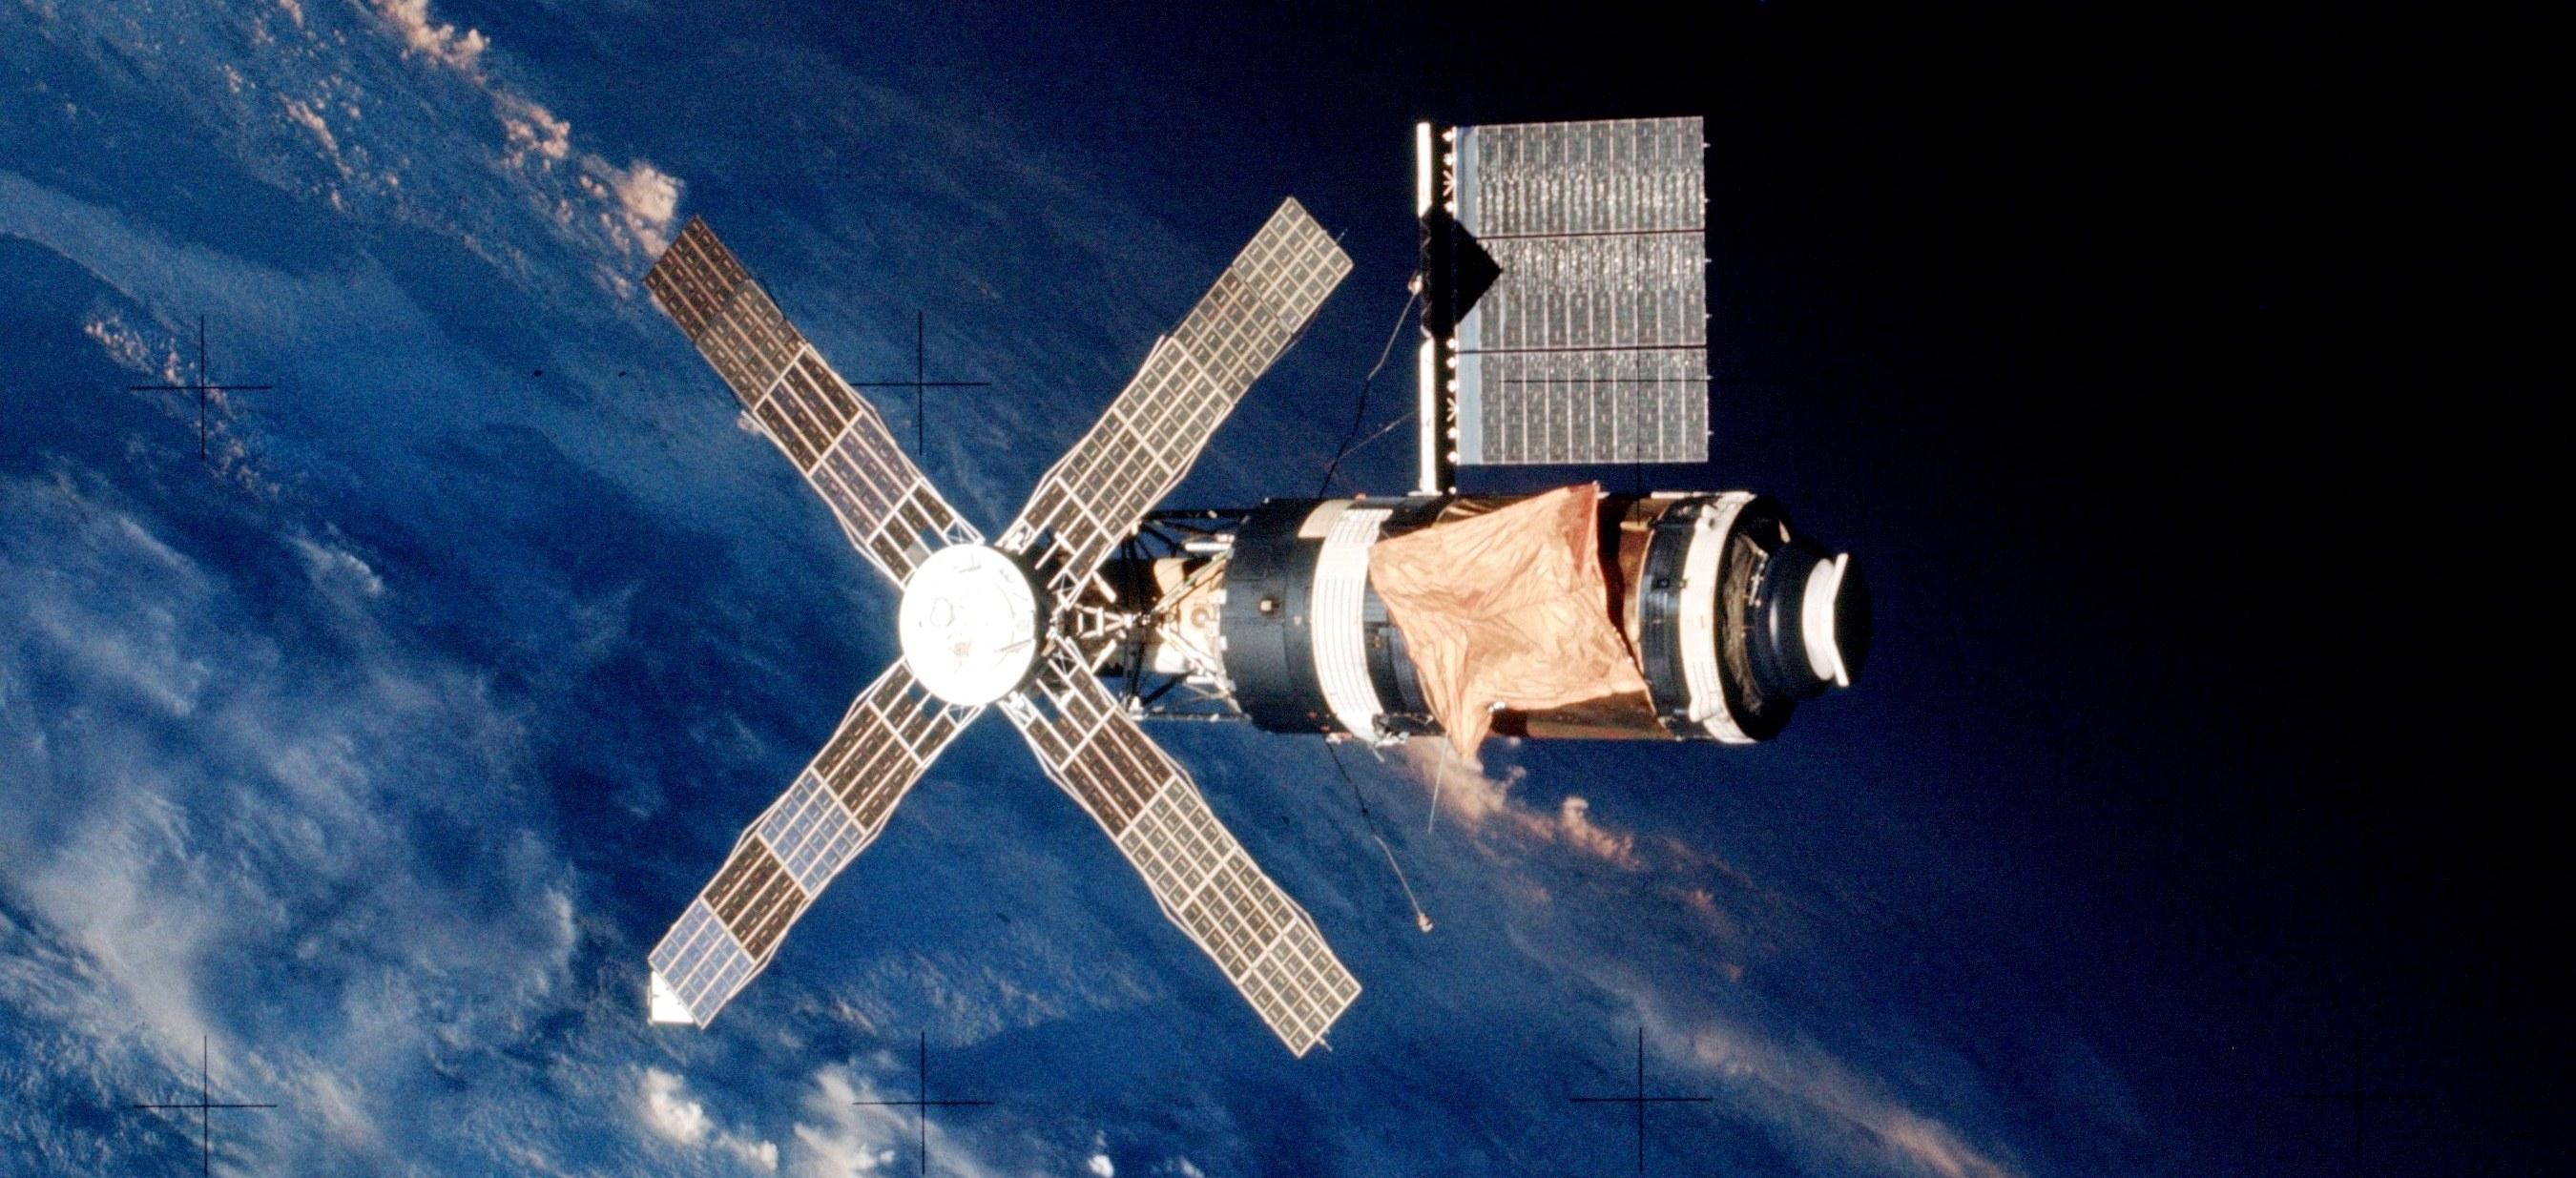 skylab space station crash - photo #1